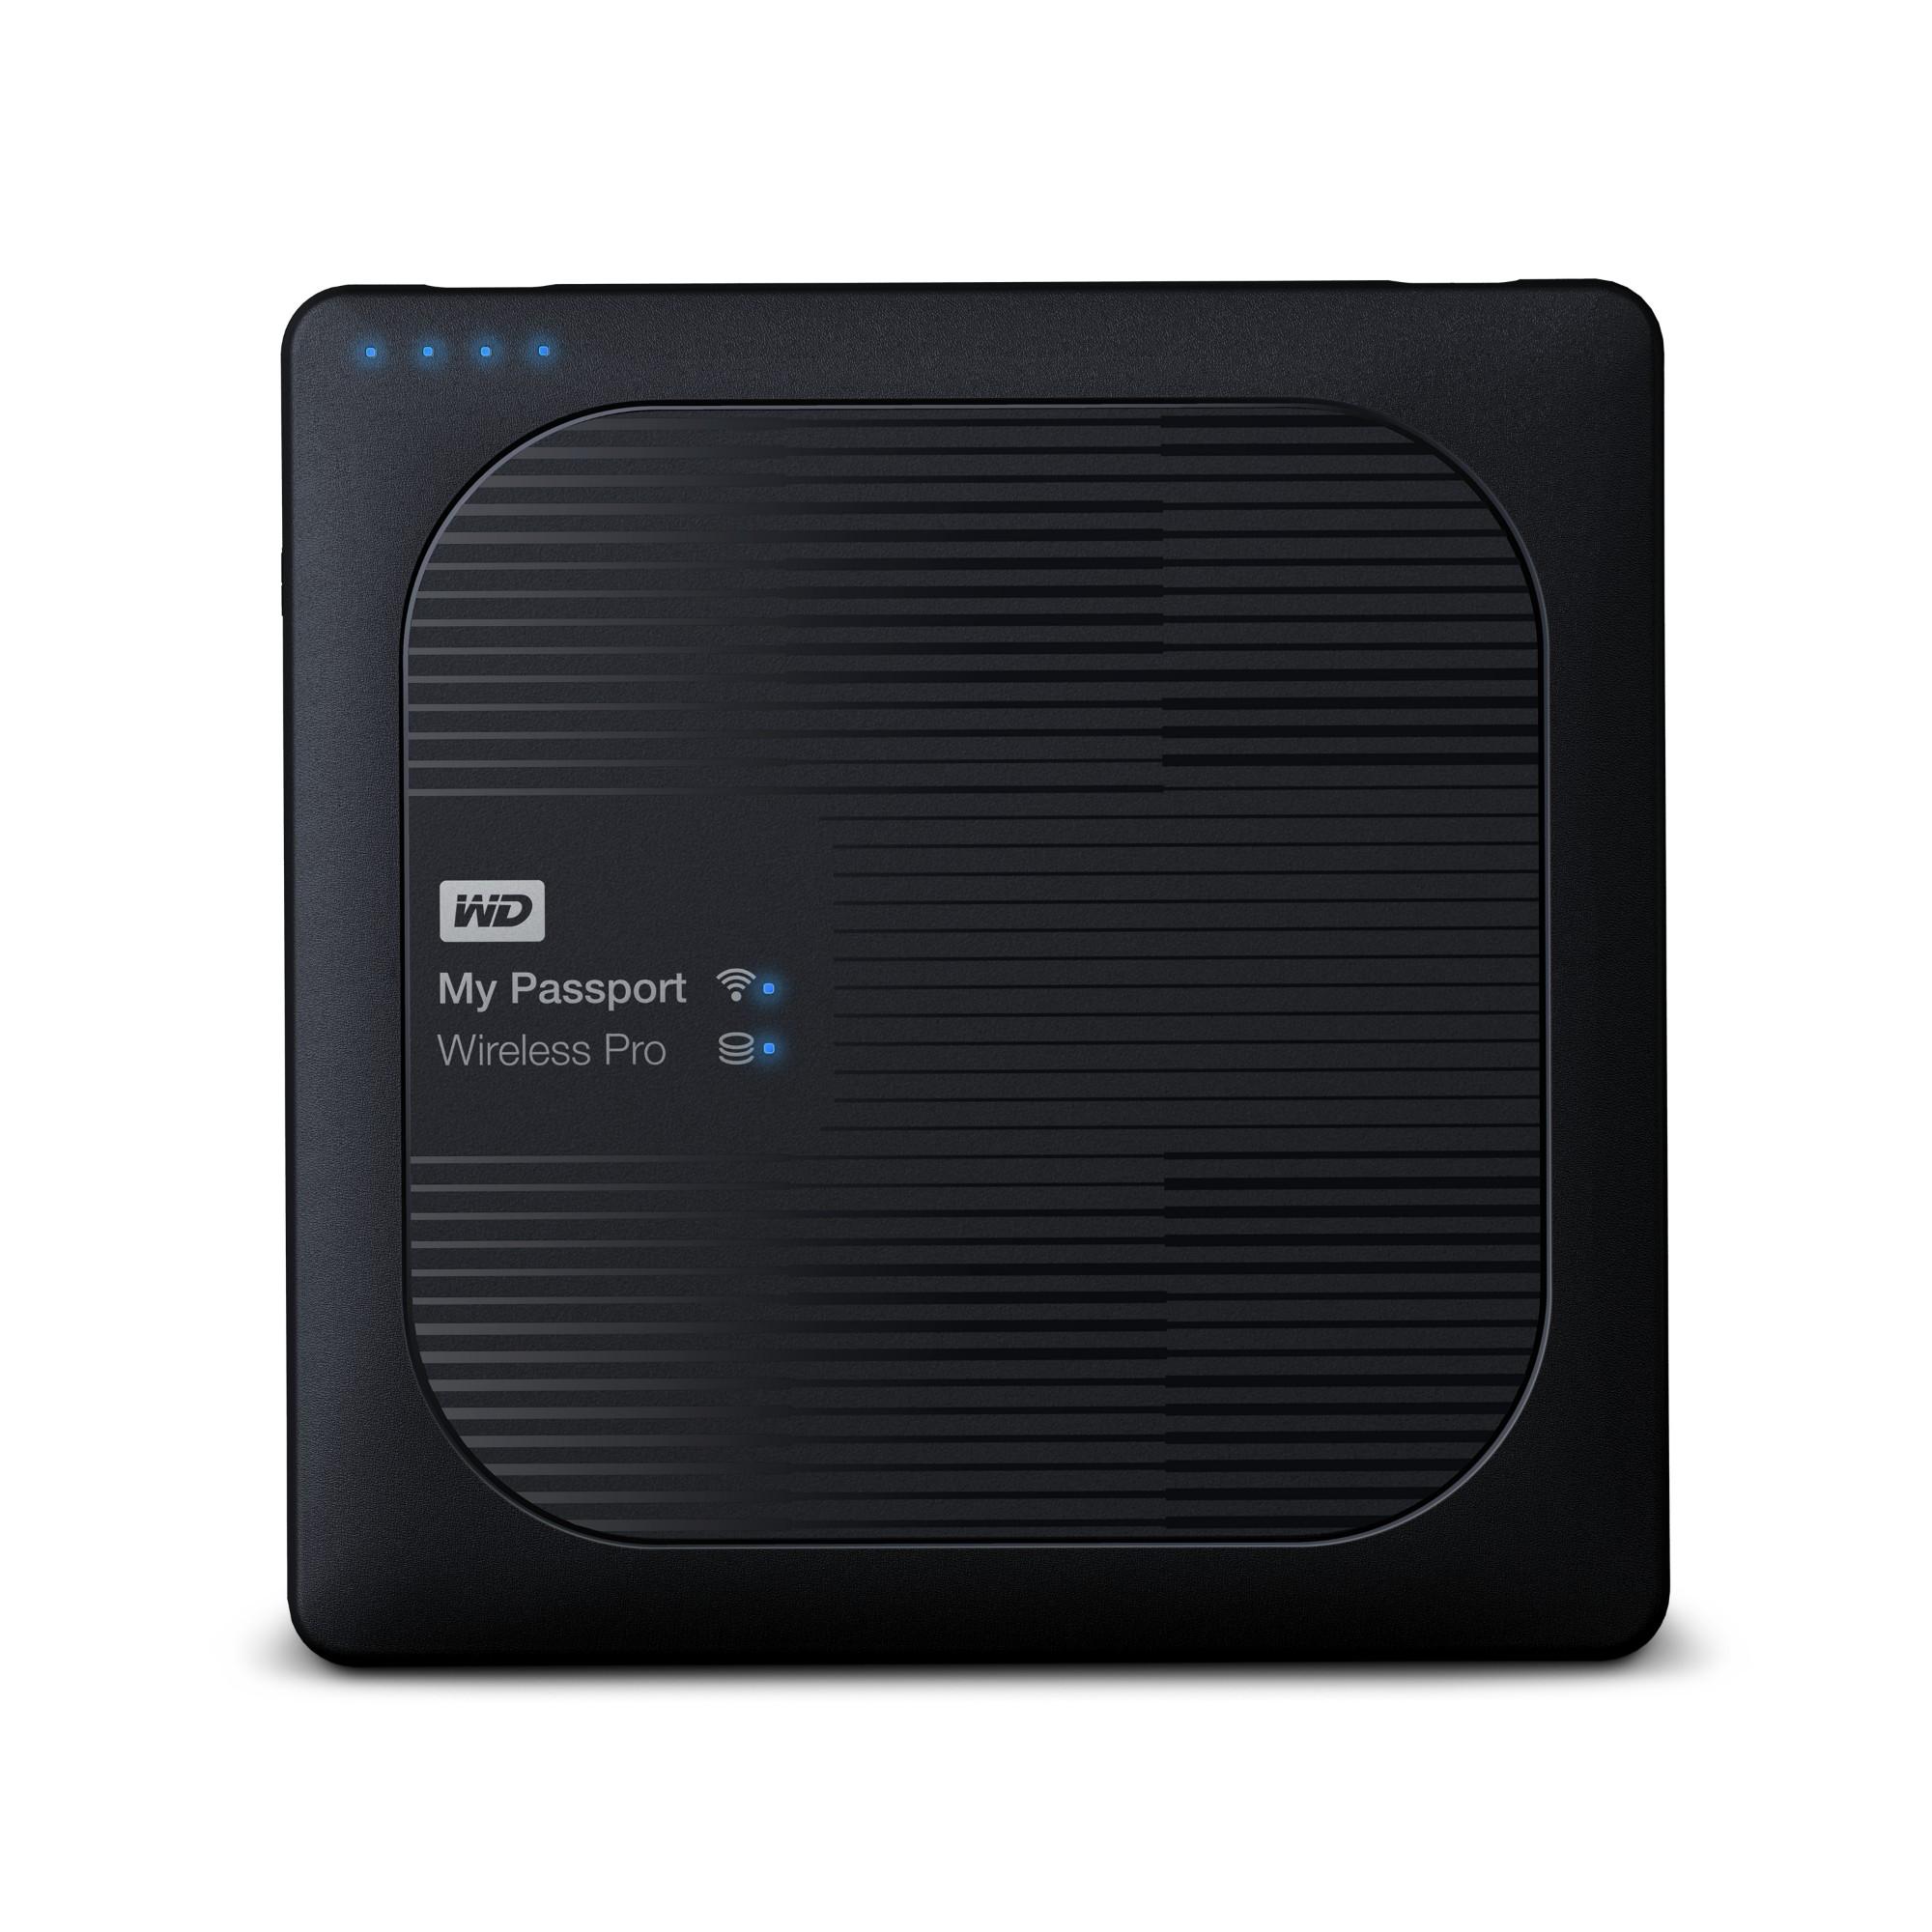 Western Digital My Passport Wireless Pro Wi-Fi 4000GB Black external hard drive